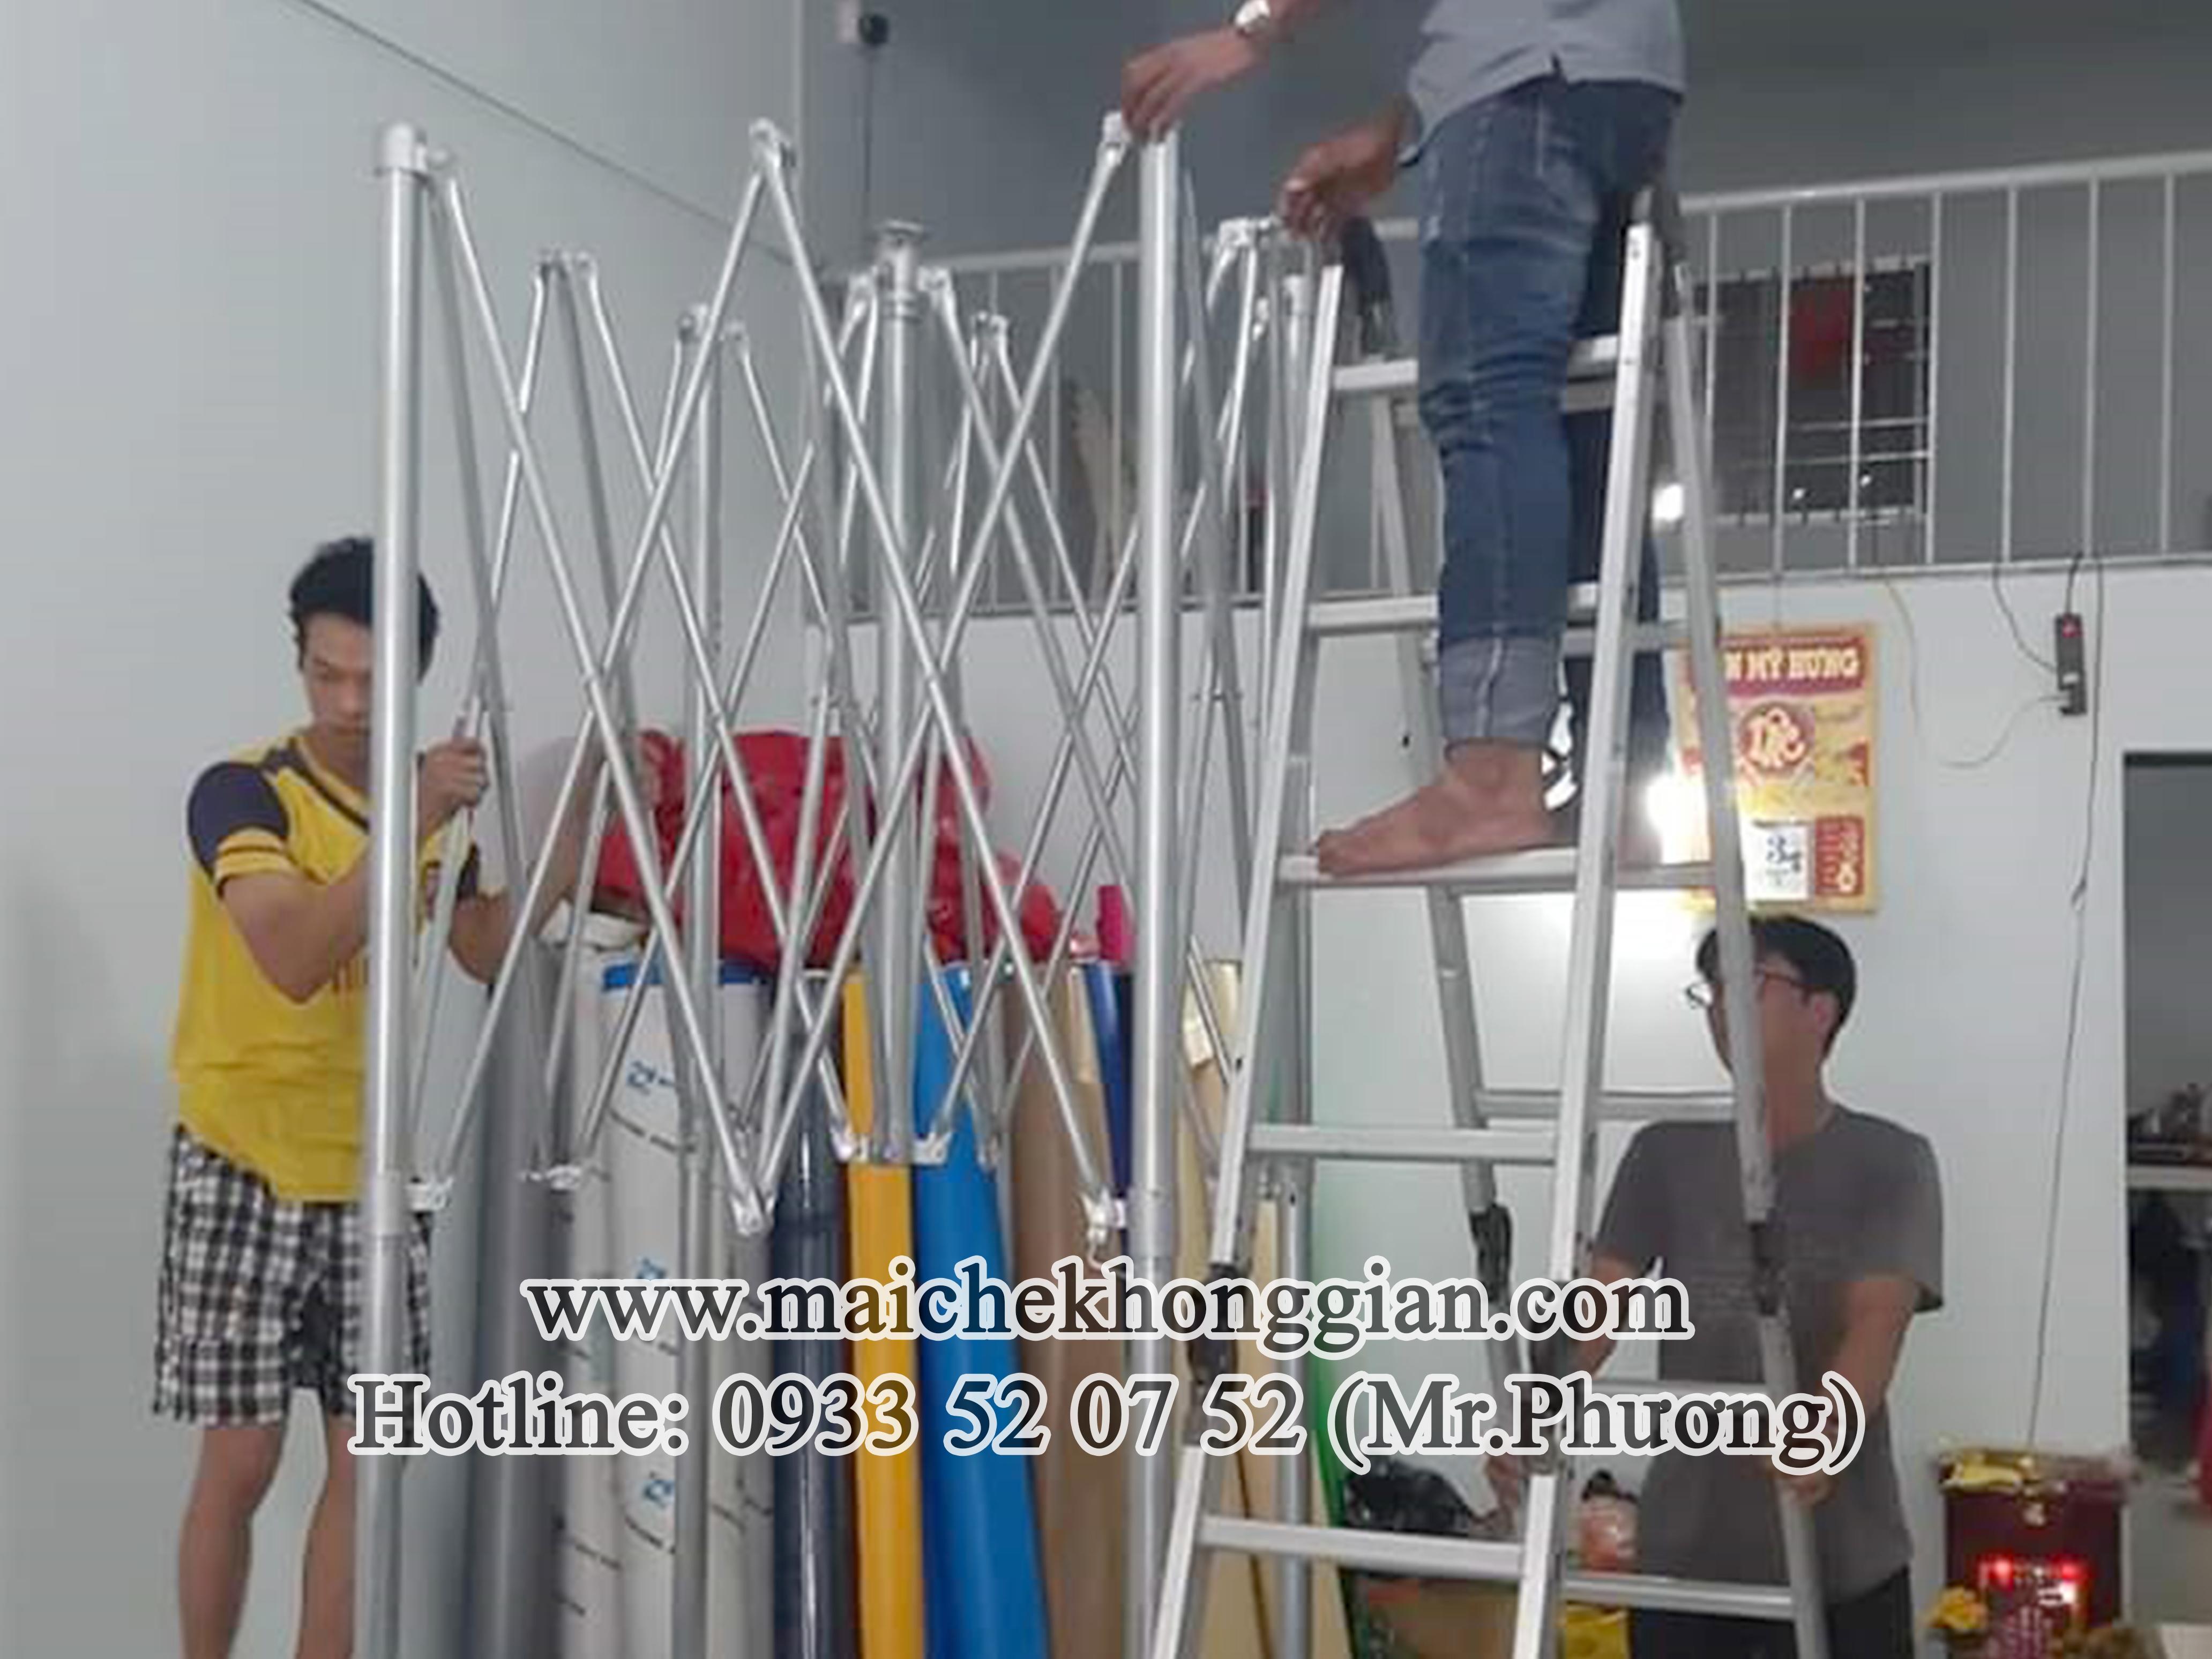 Mái Xếp Huyện Phong Điền Cần Thơ